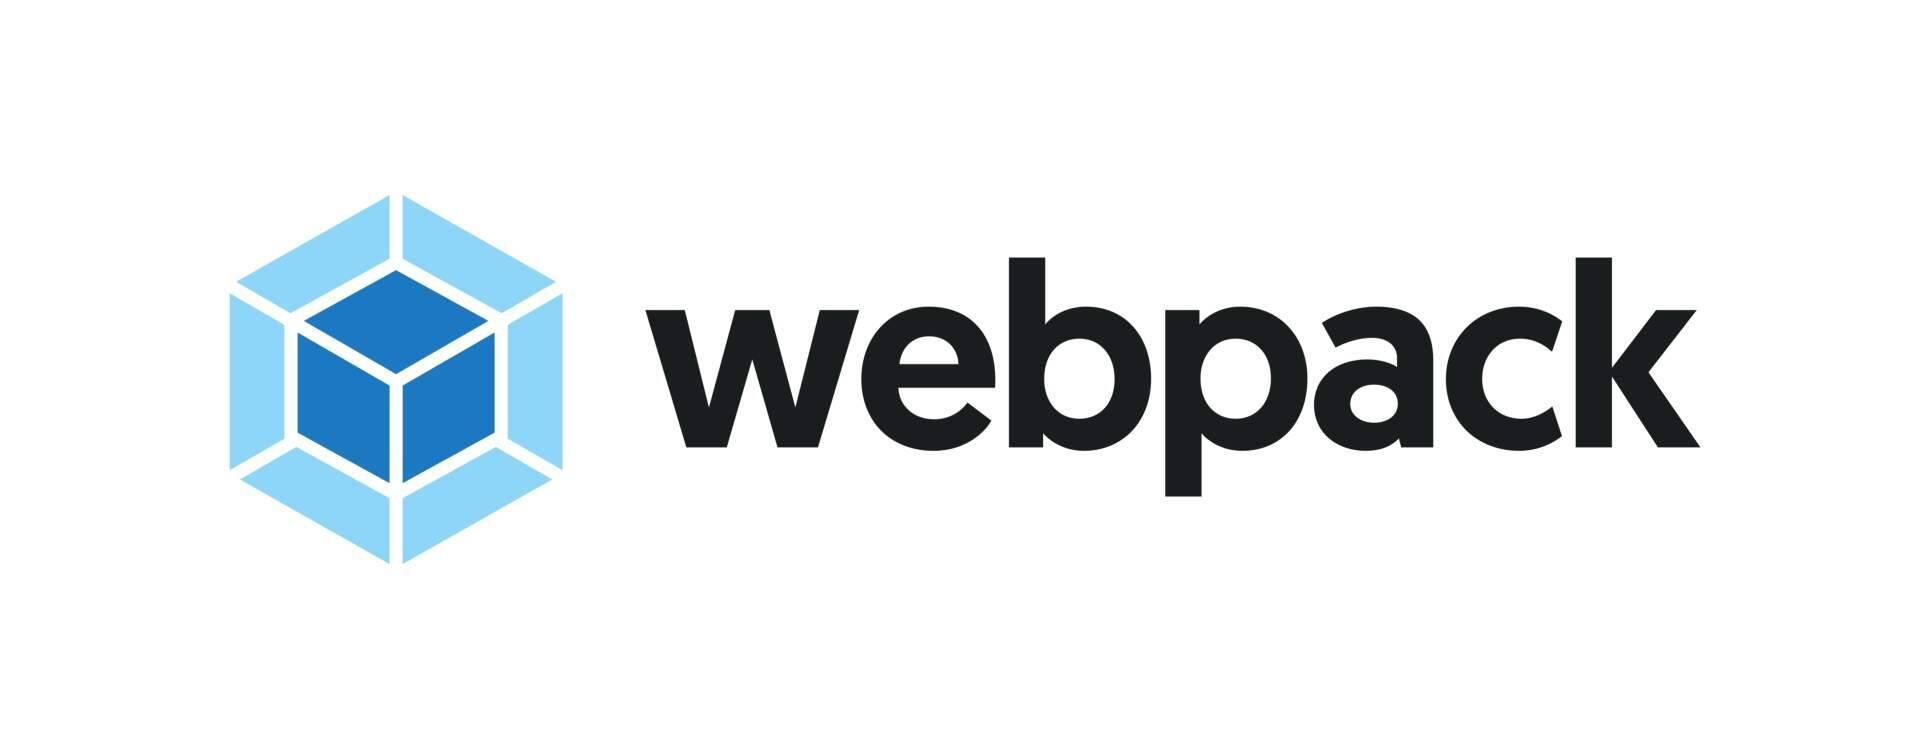 webpack源码解析三之file-loader 和 url-loader